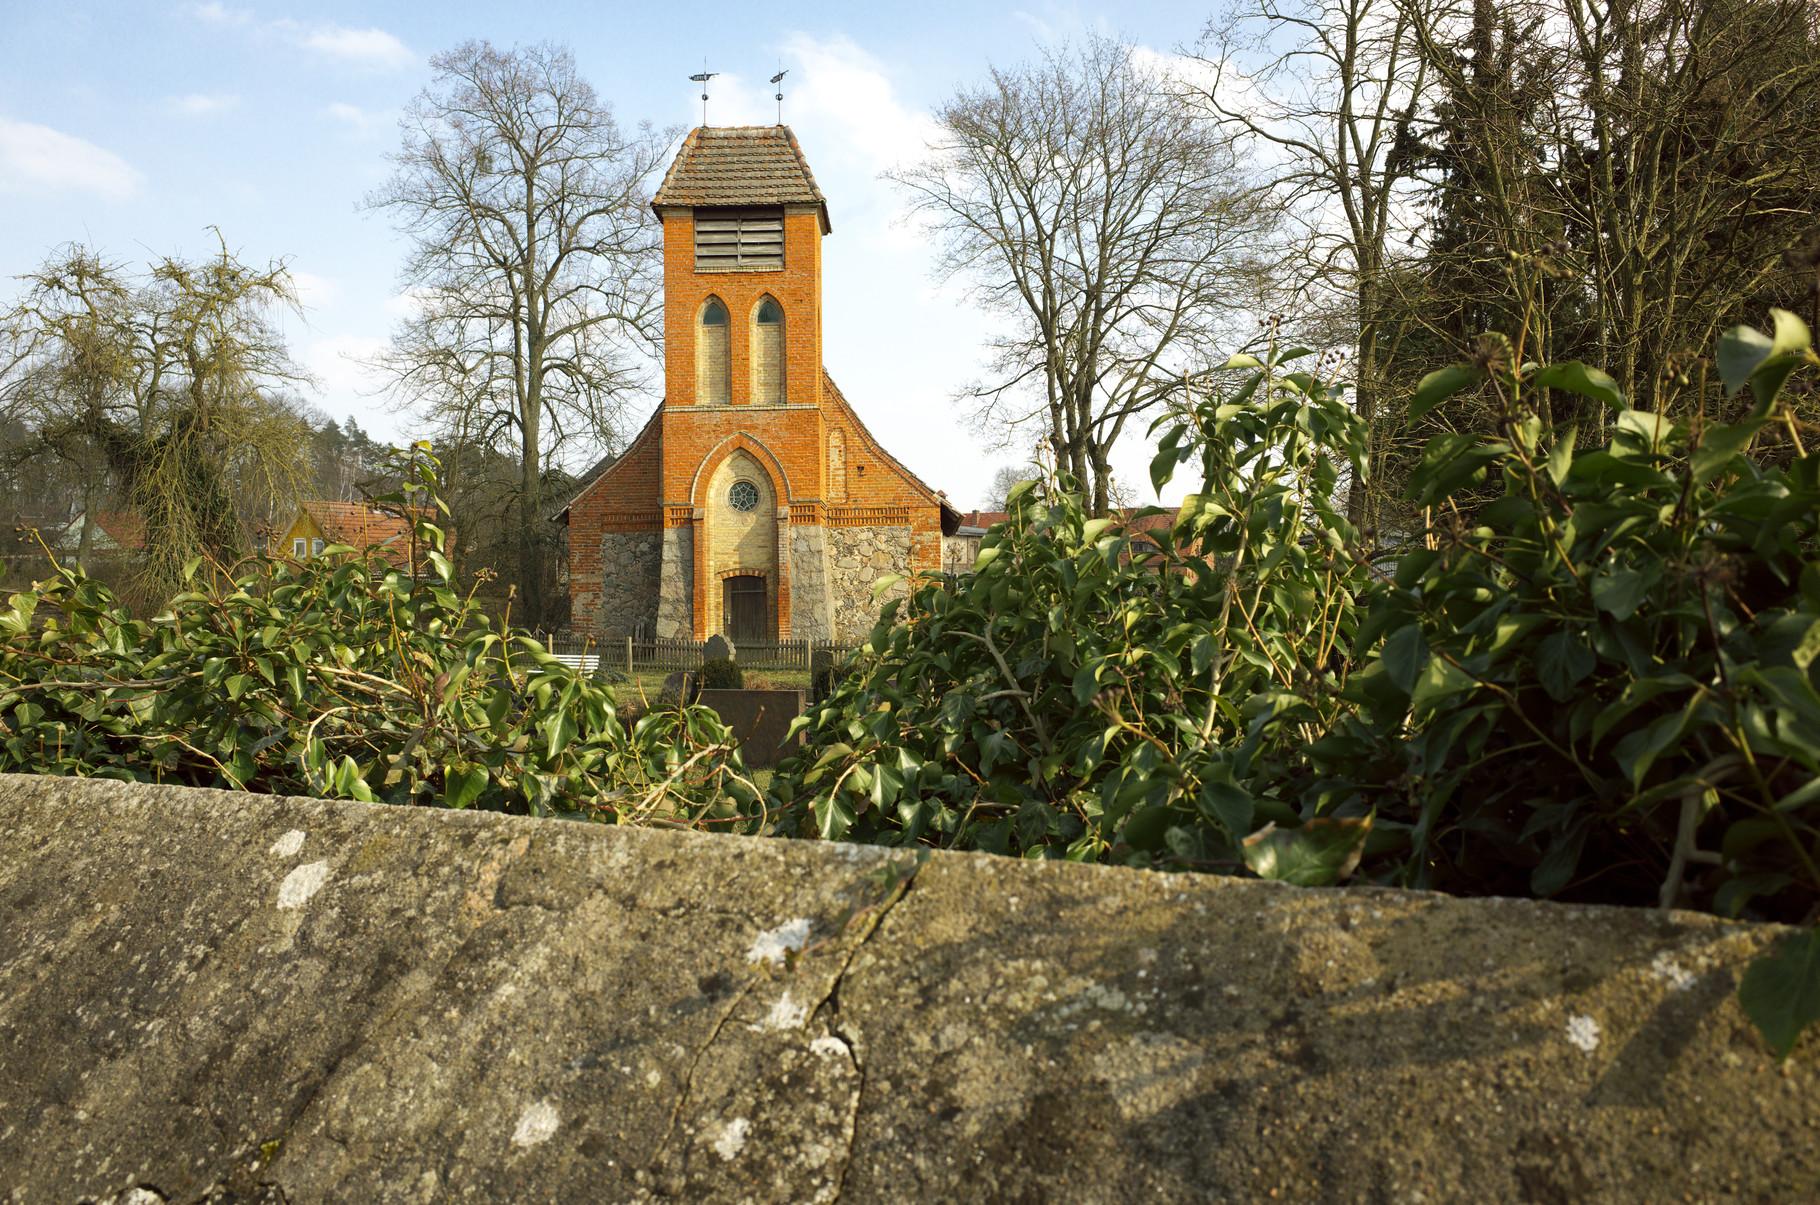 Dorfkirche von Alt Sammit am 09.03.2016